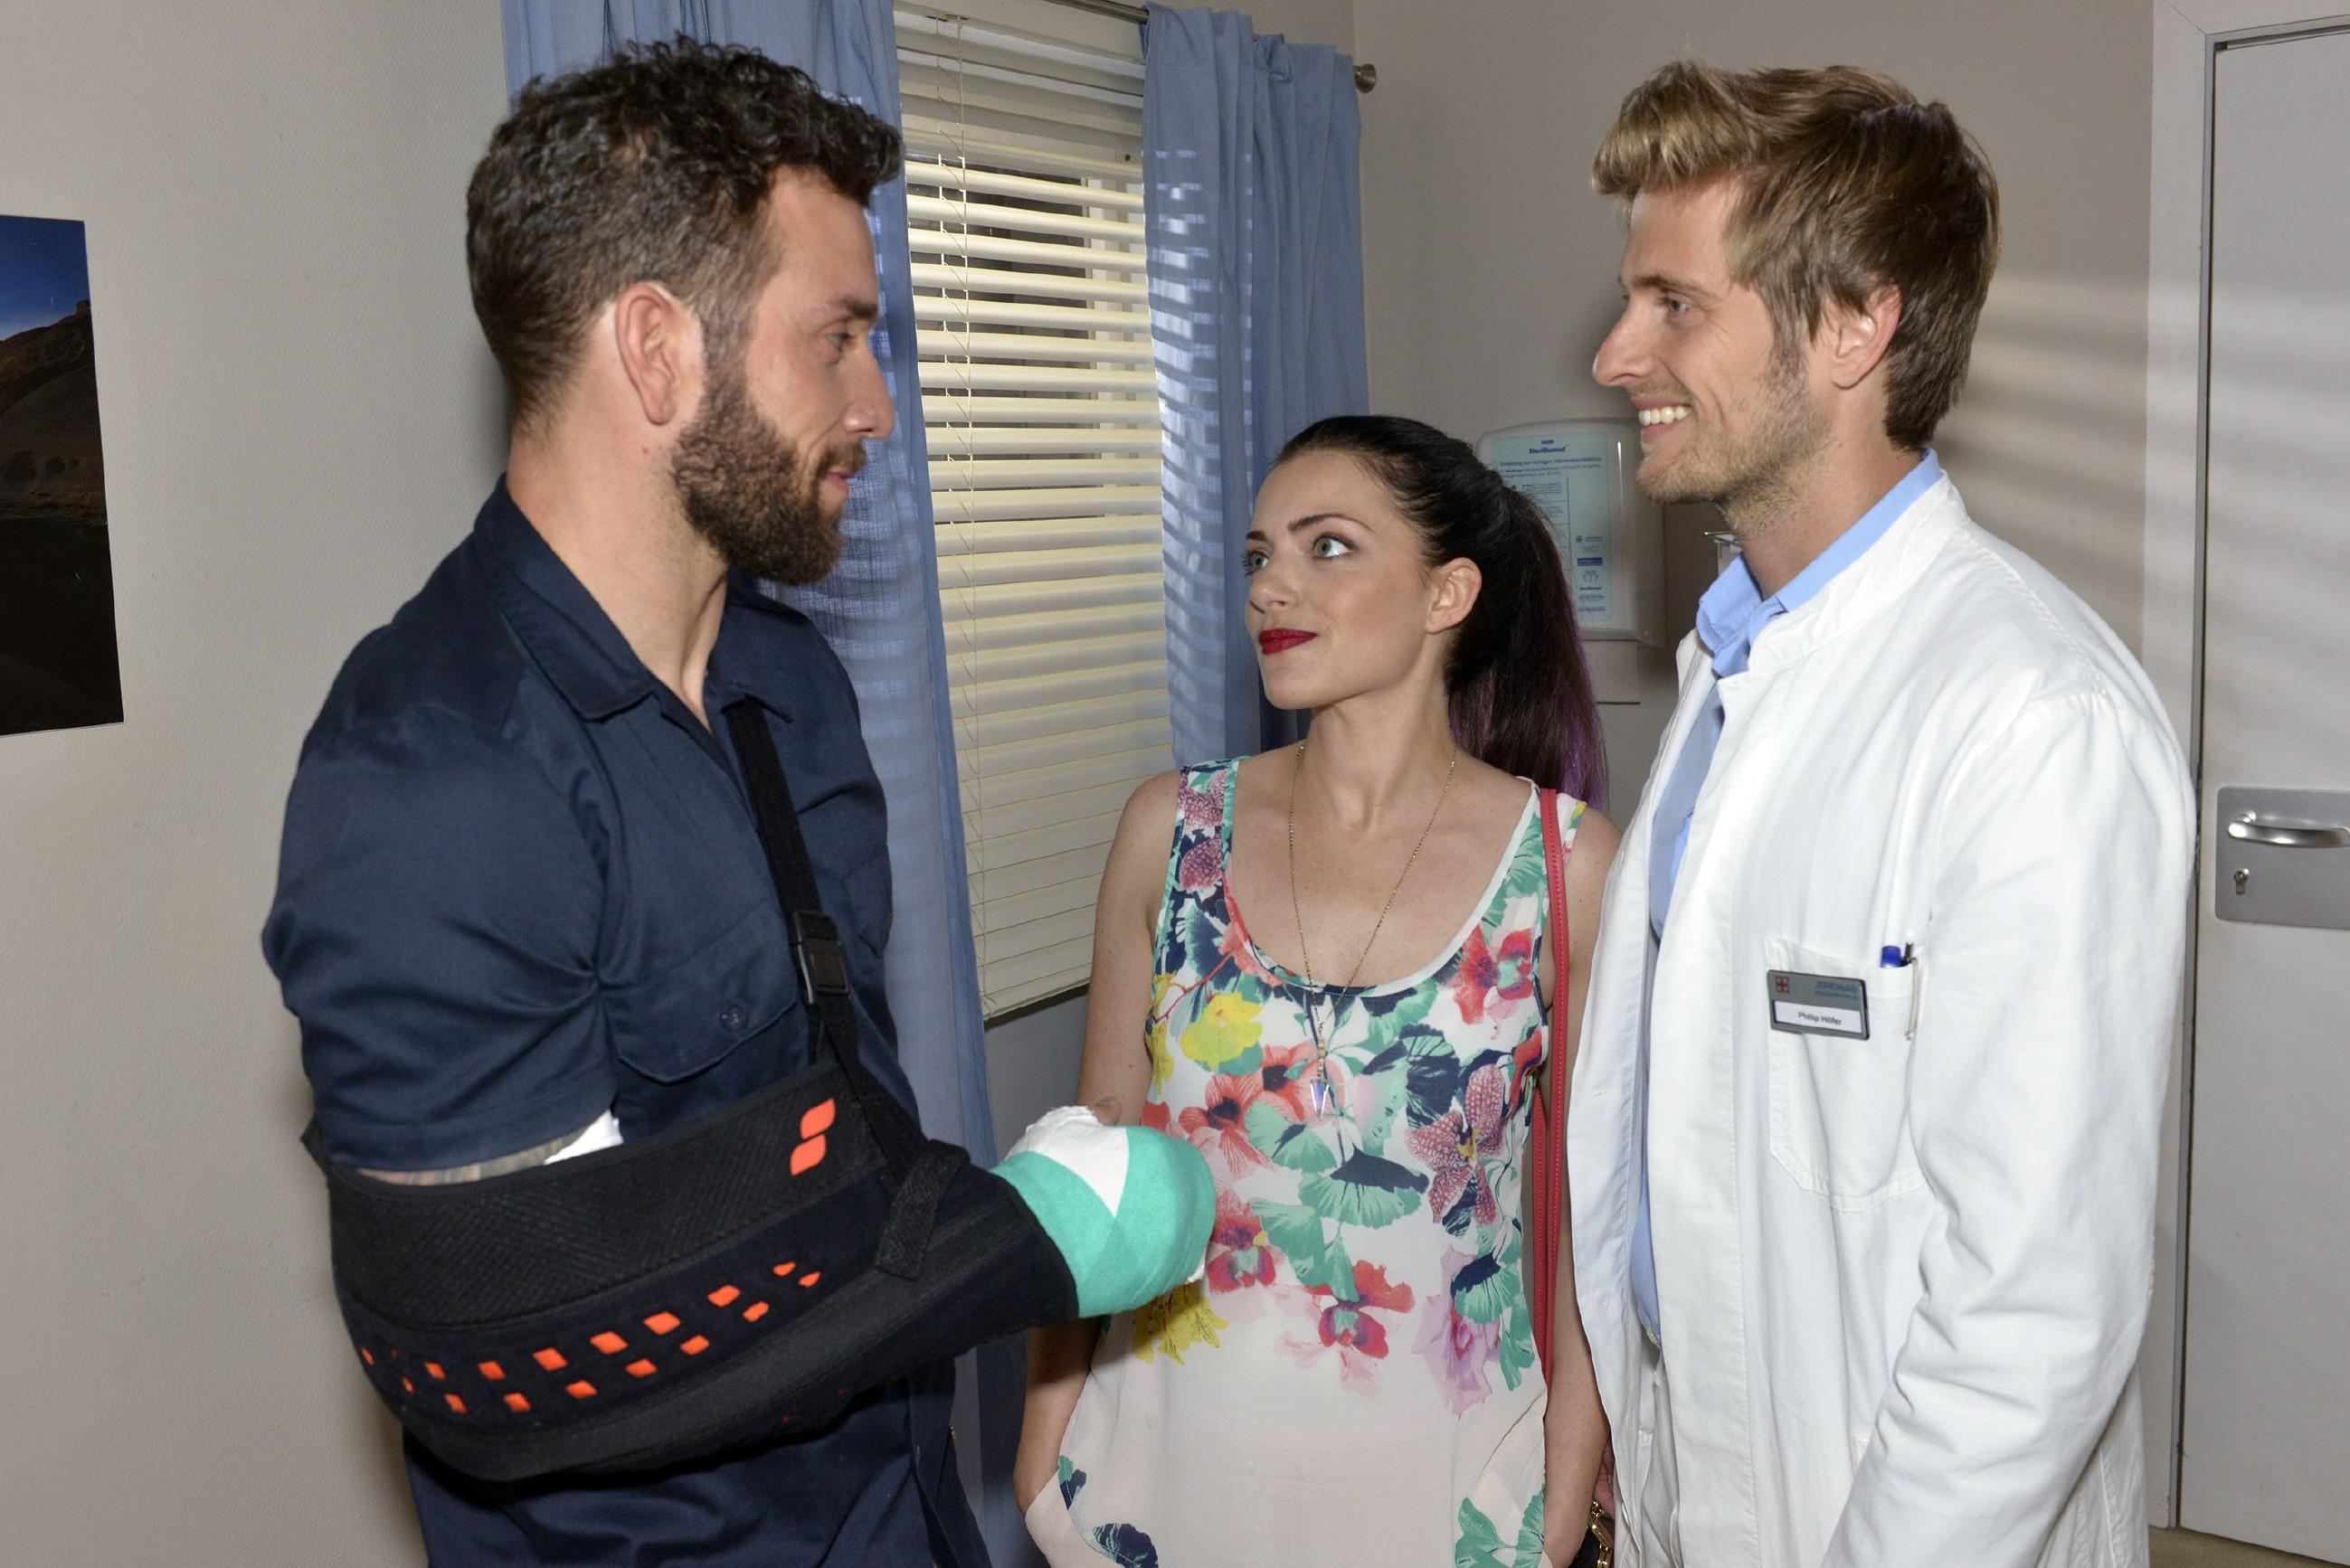 Als sich bei Philip (Jörn Schlönvoigt, r.) im Krankenhaus herausstellt, dass Roberto (Sascha Pederiva) nicht versichert ist, erklärt Emily (Anne Menden) sich bereit, seine Krankenhausrechnung zu übernehmen - Immerhin hat er Kates Leben gerettet. (Quelle: RTL / Rolf Baumgartner)